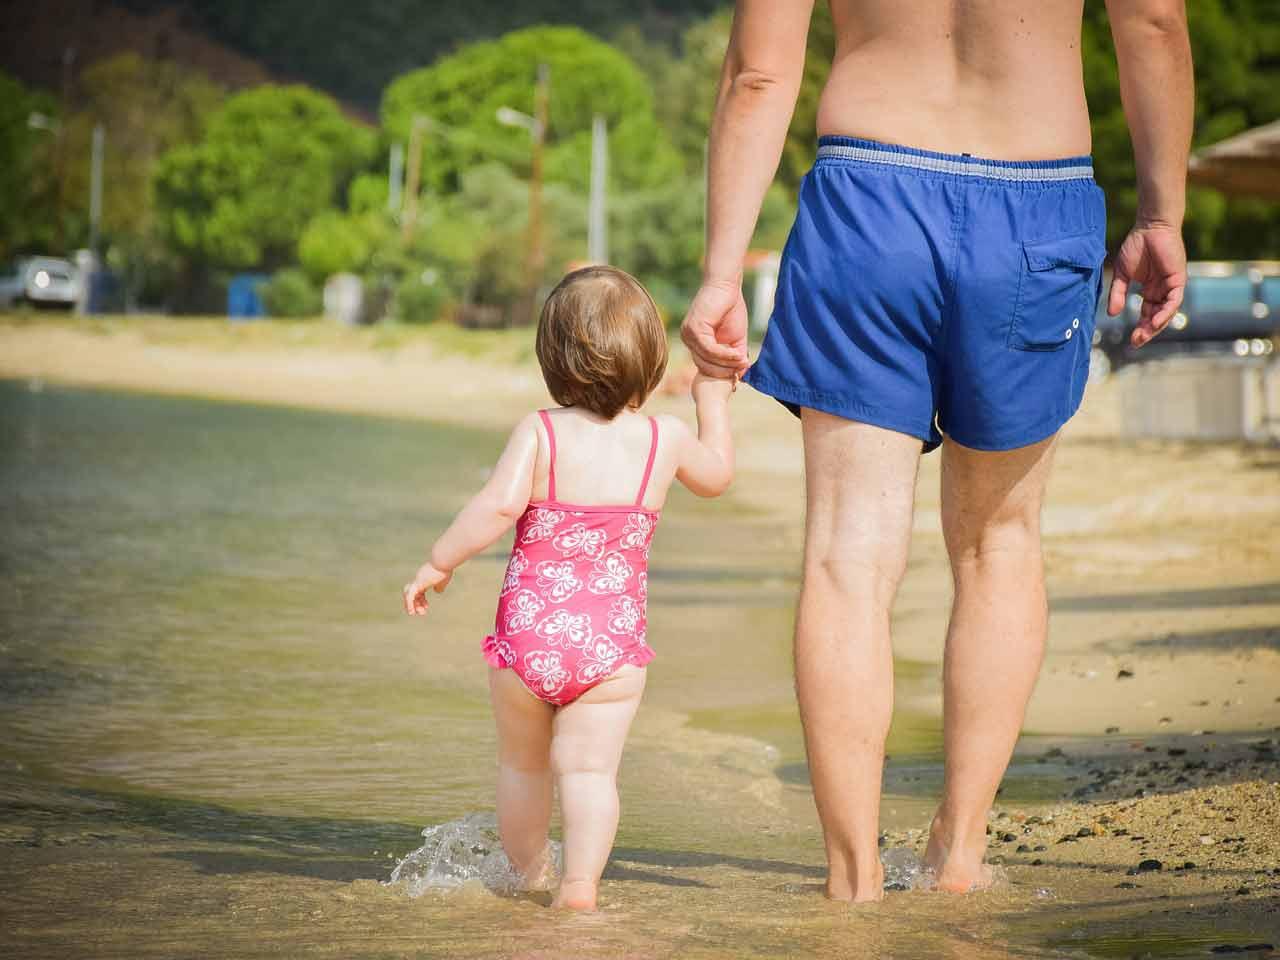 instituto-europeo-de-fertilidad-Edad Hombre y Enfermedades en Descendencia|Diagnostico Preimplantacional-reproduccion-asistida.jpg